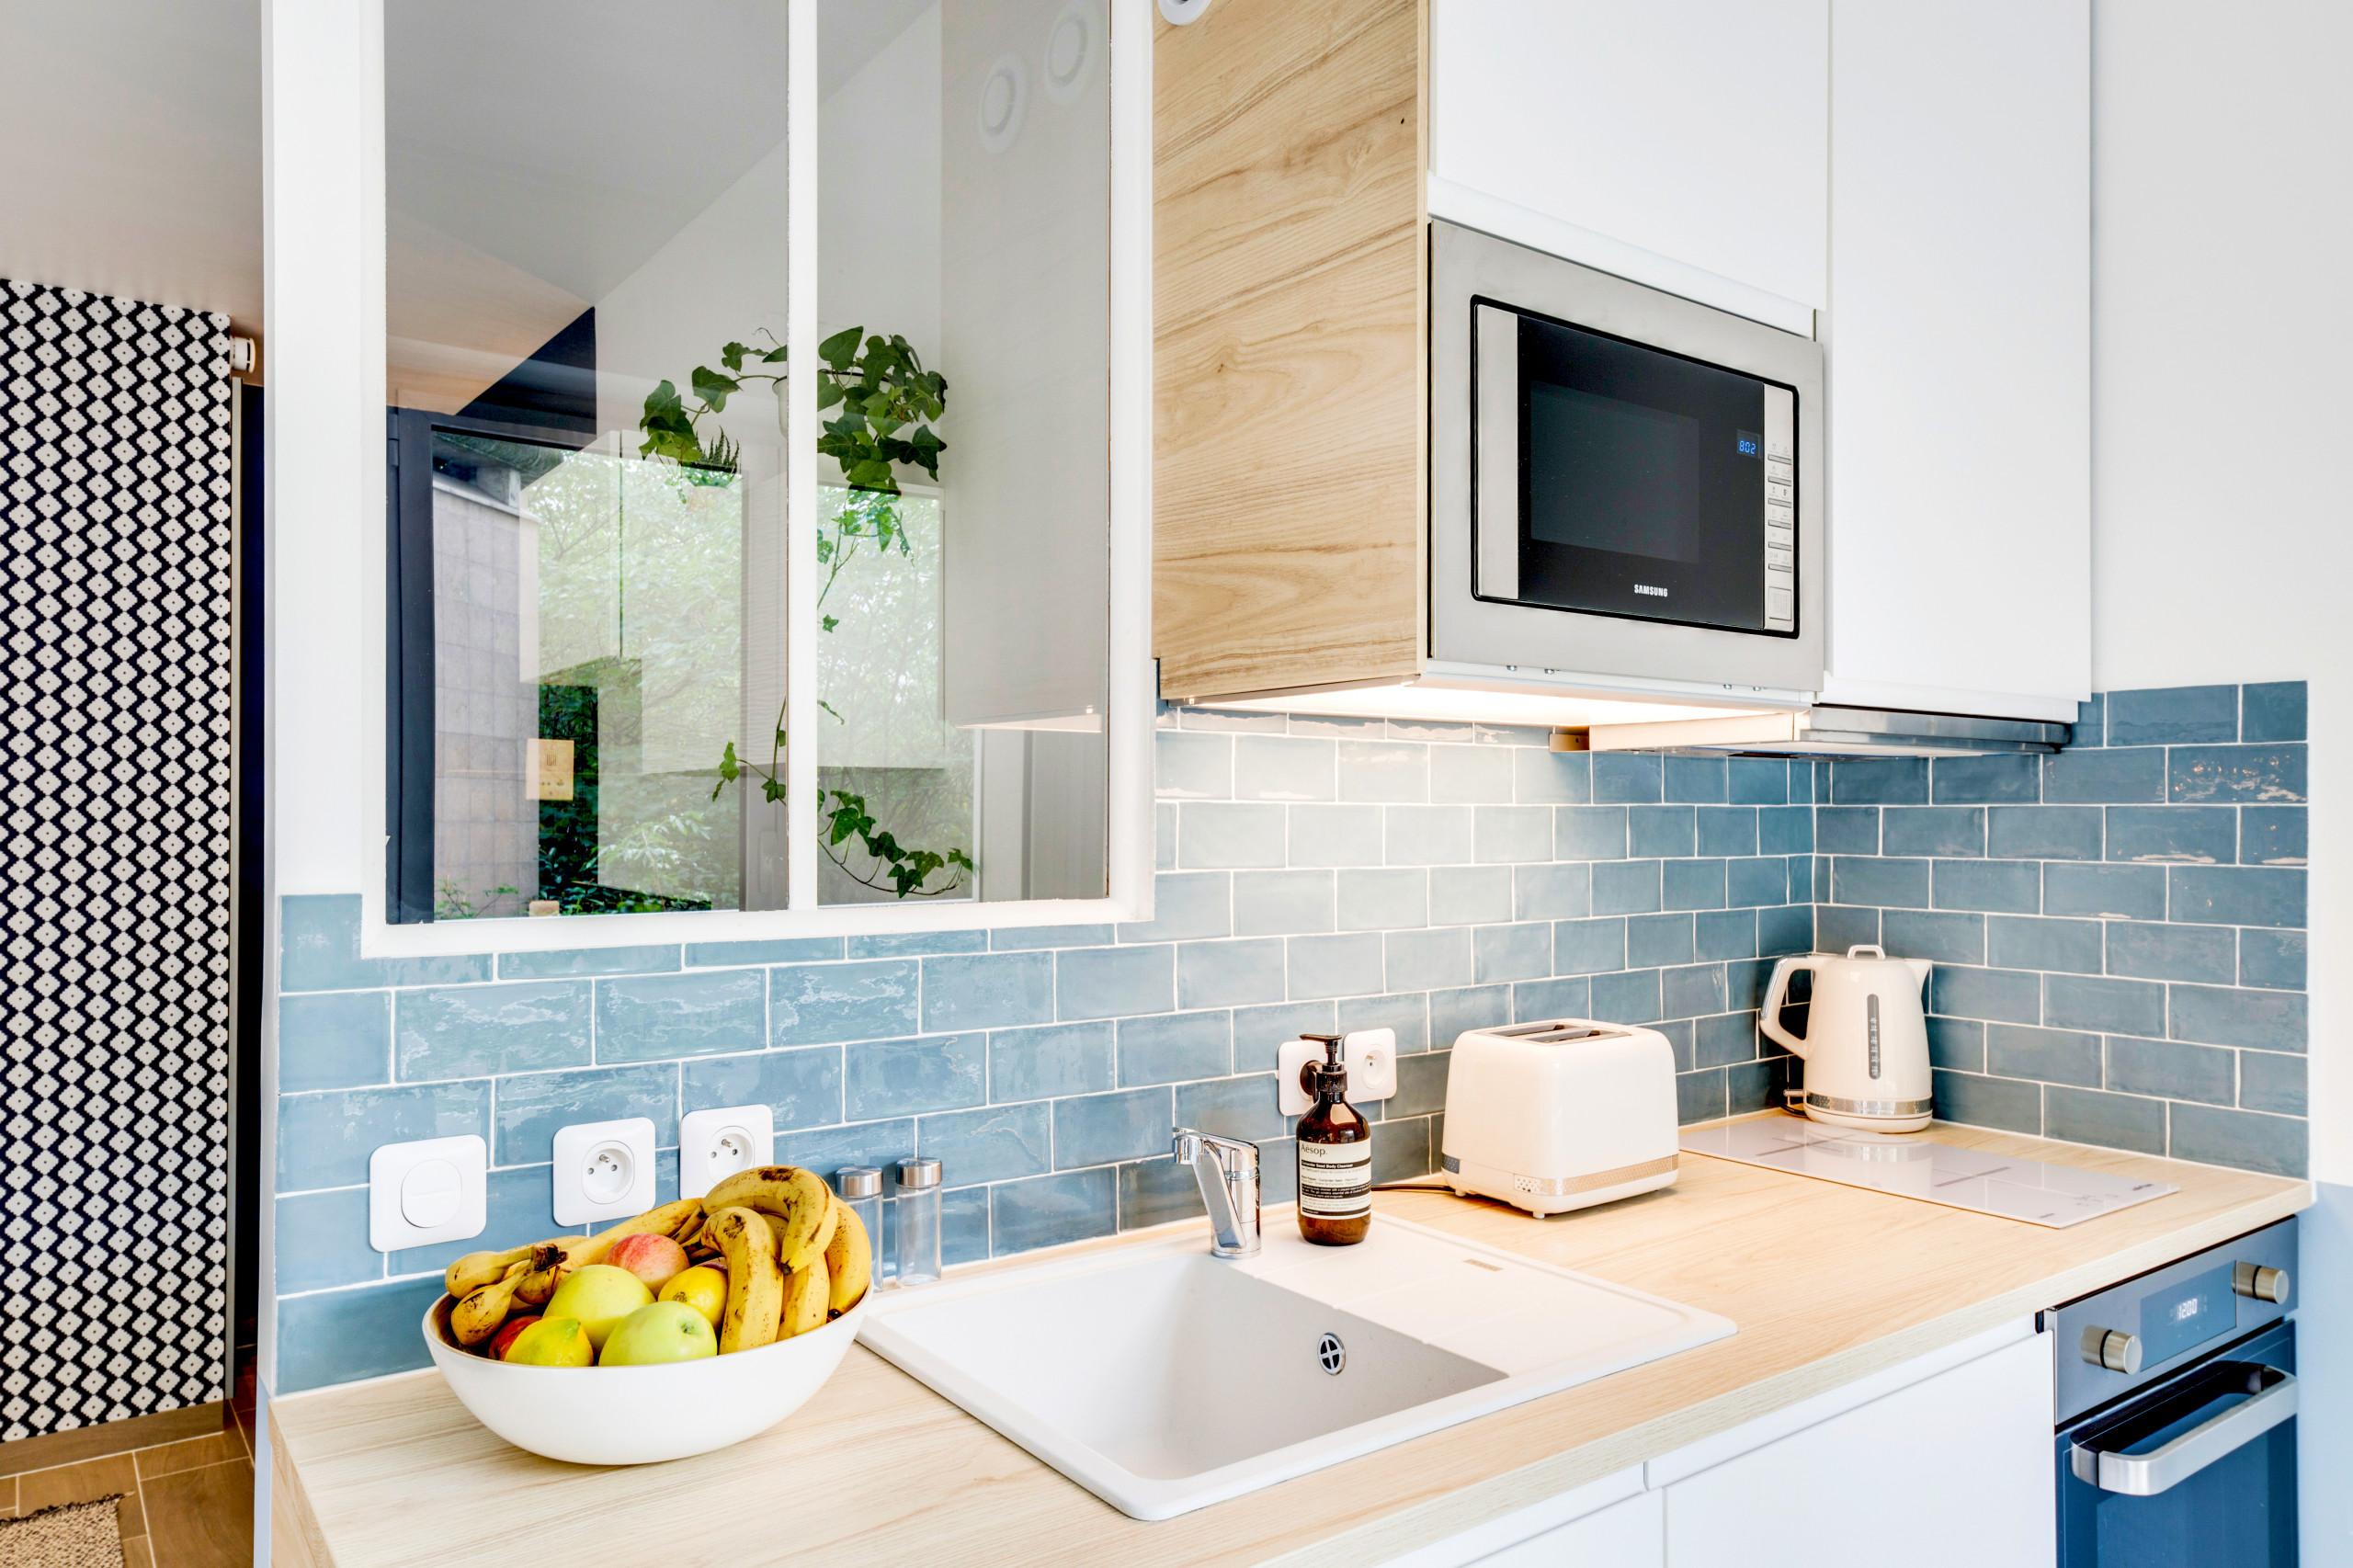 La cuisine après la rénovation : cuisine blanche bois et bleu